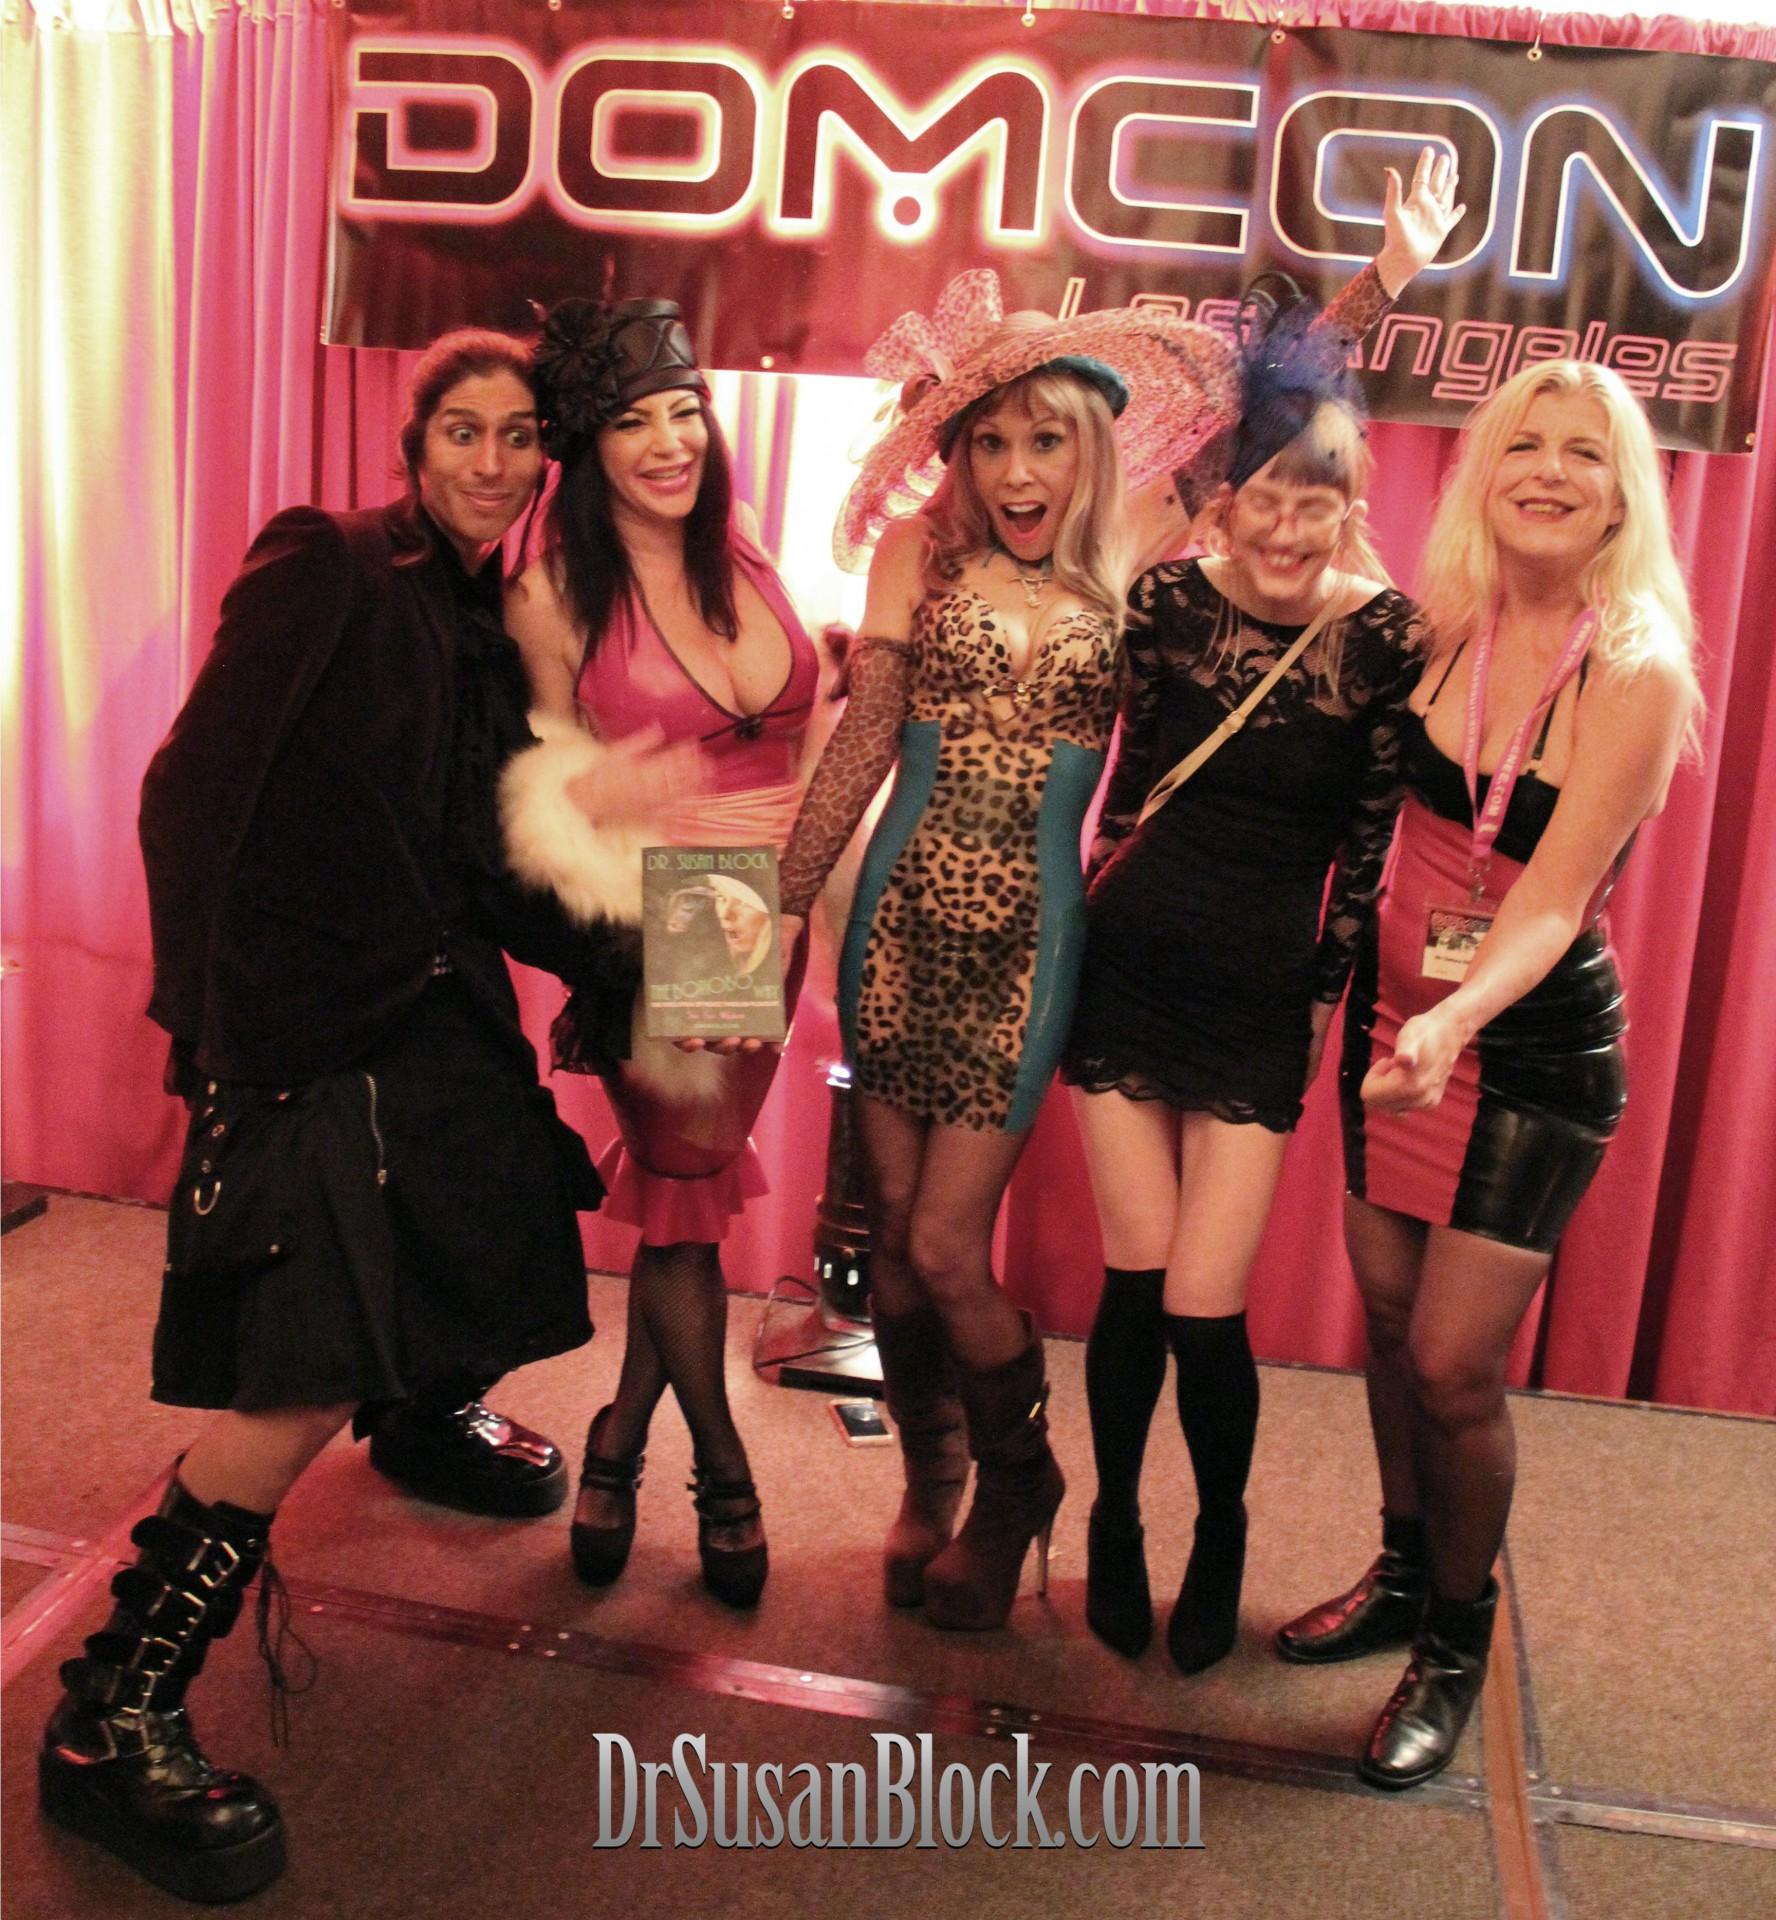 The Bonobo Way does DomCon LA